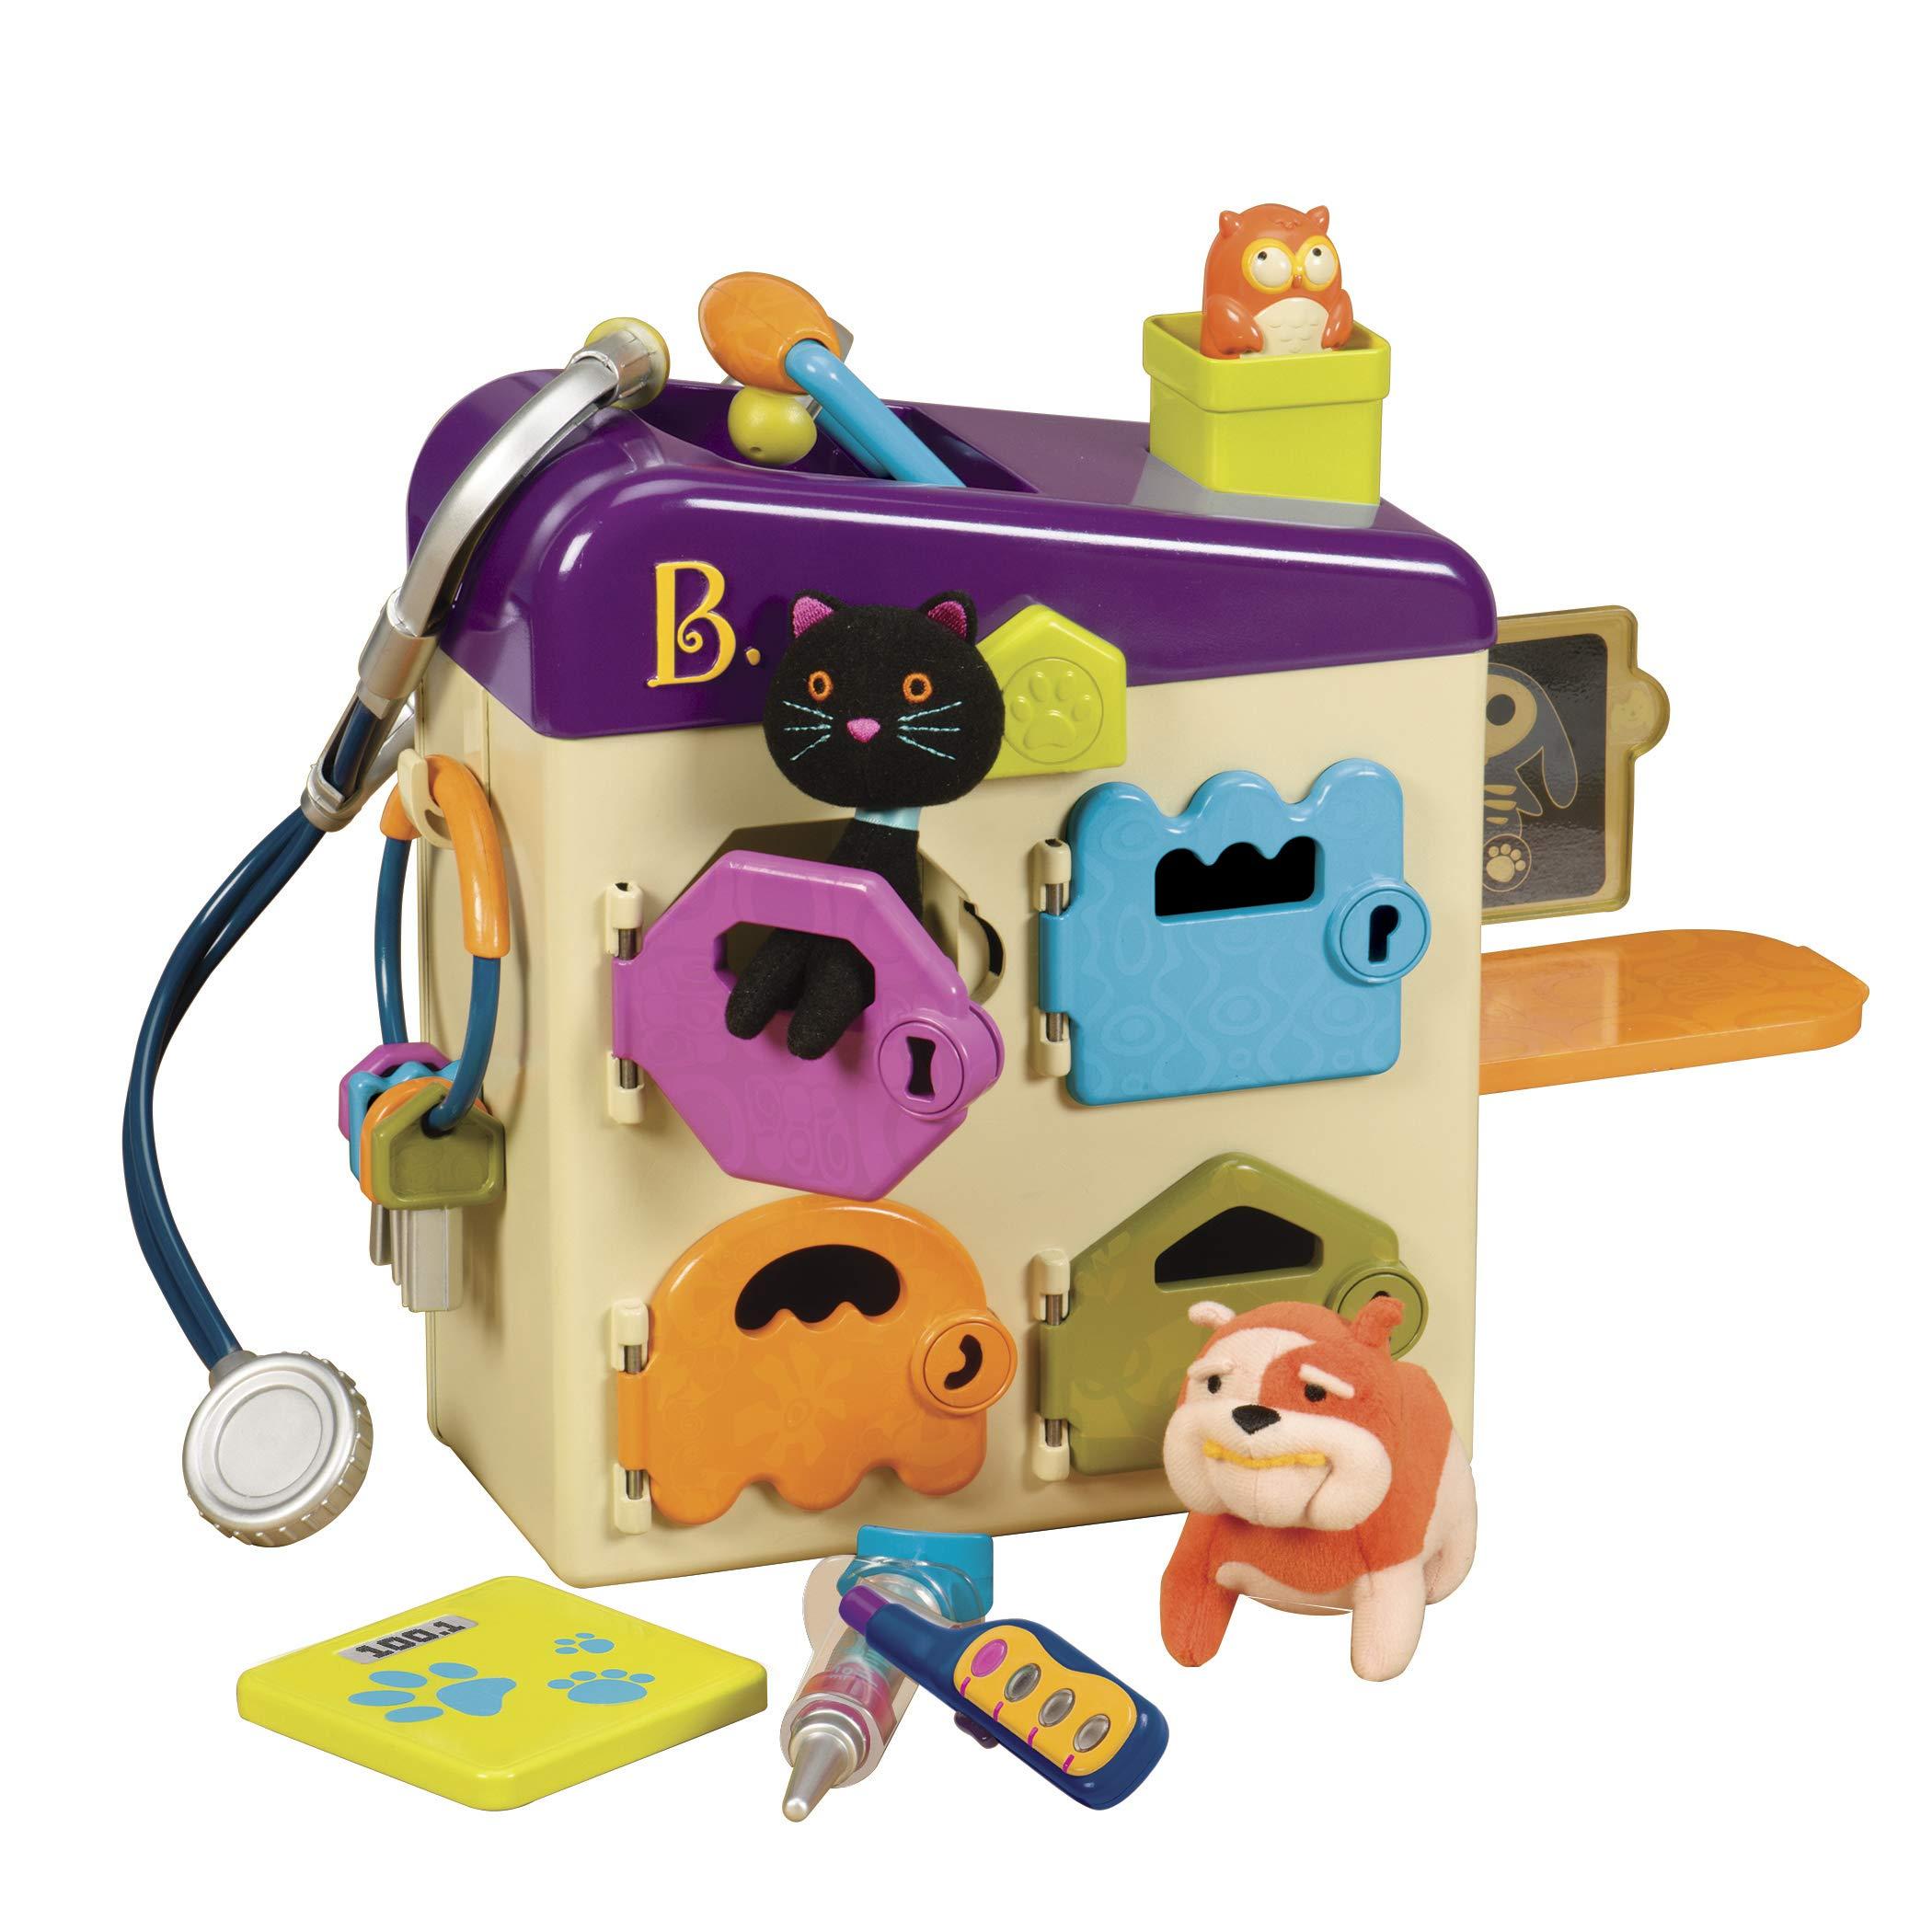 B.Toys 宠物诊所儿童玩具套装 过家家游戏 (8件)